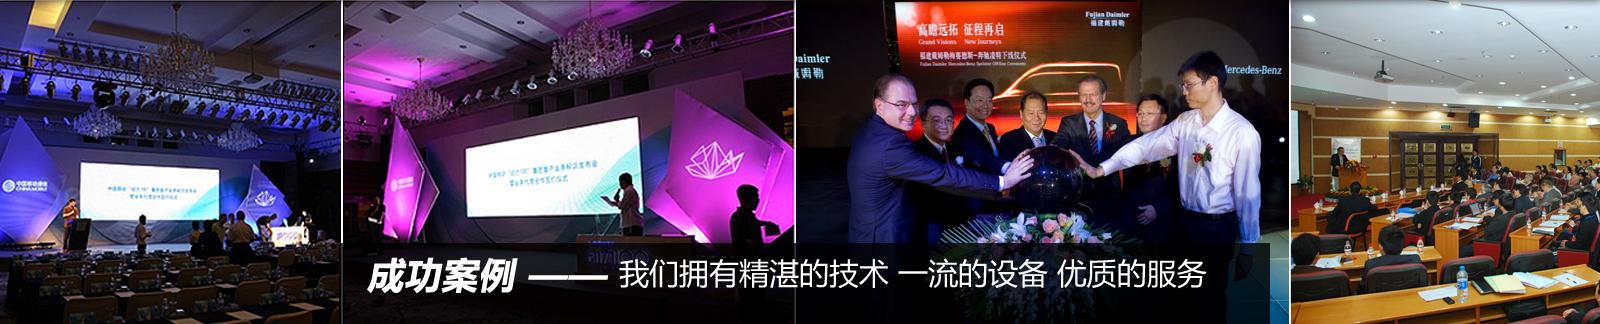 ca88亚洲城娱乐最新备用网址下载_北京亚洲城备用网址租赁